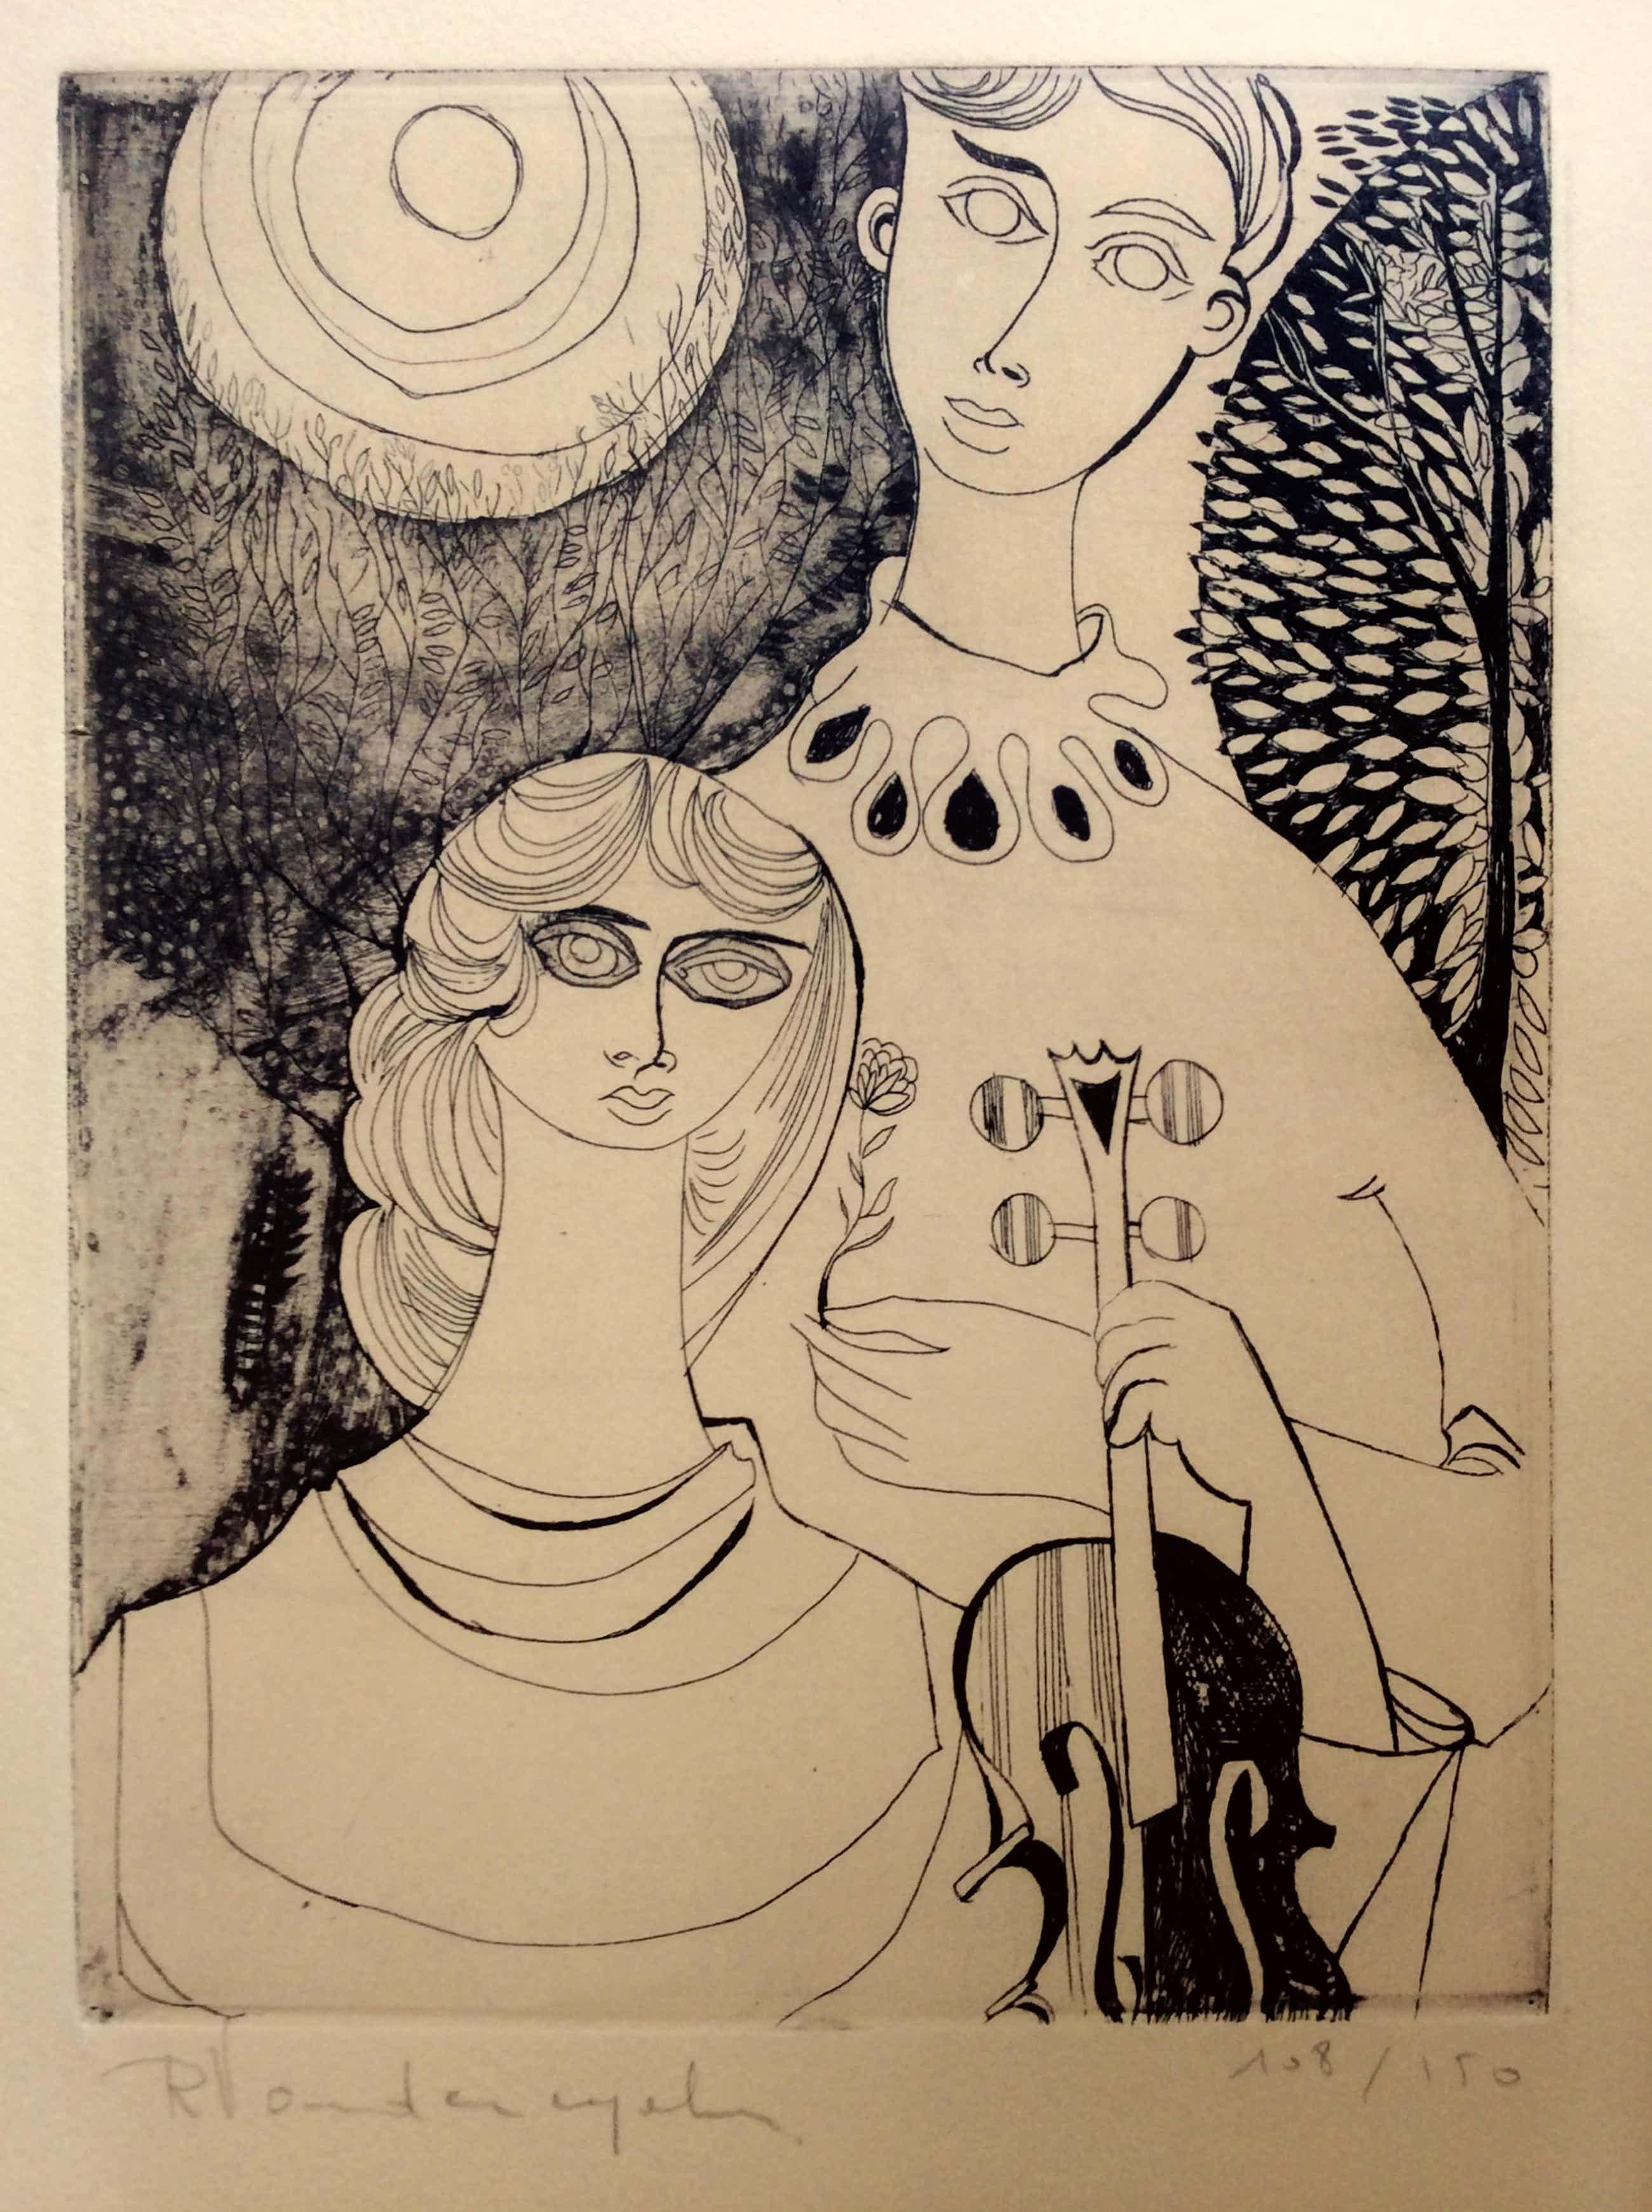 Robert Vandereycken - Jong paar met viool - lithografie, ingelijst kopen? Bied vanaf 50!